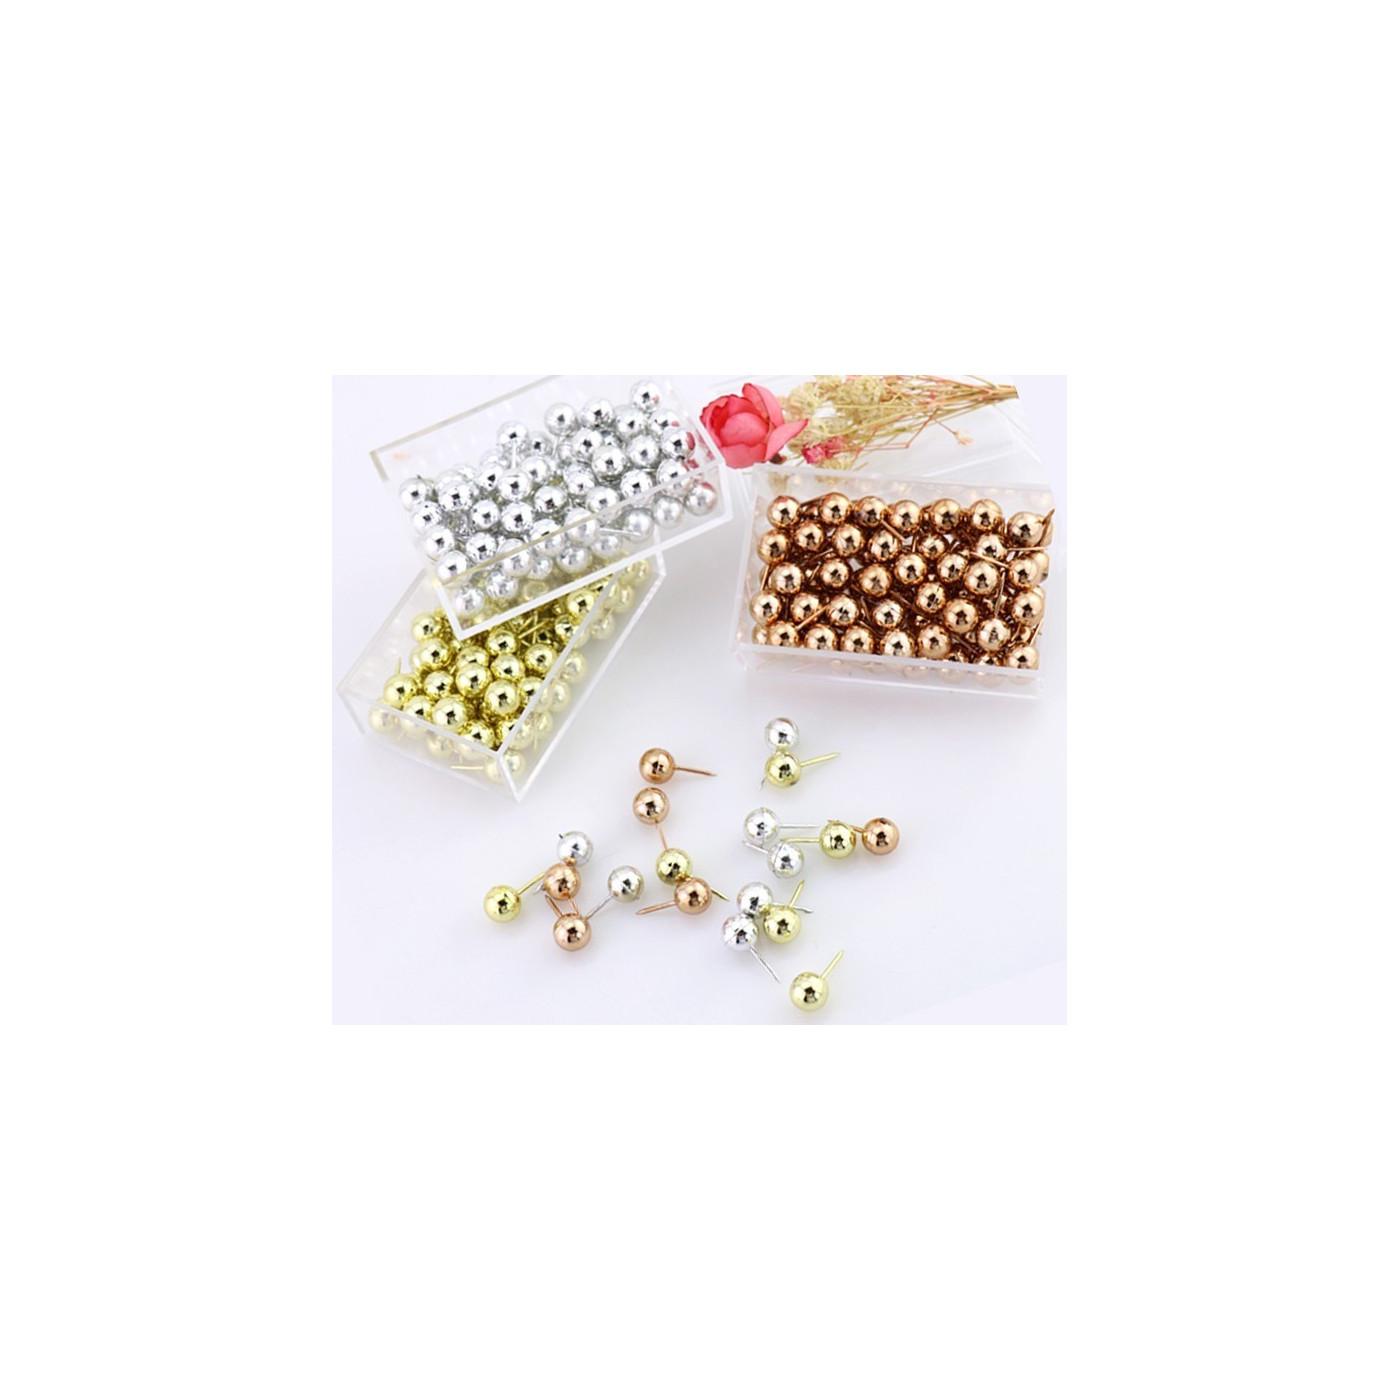 Set van 300 punaises (zilver, goud en rosegoud) in doosjes